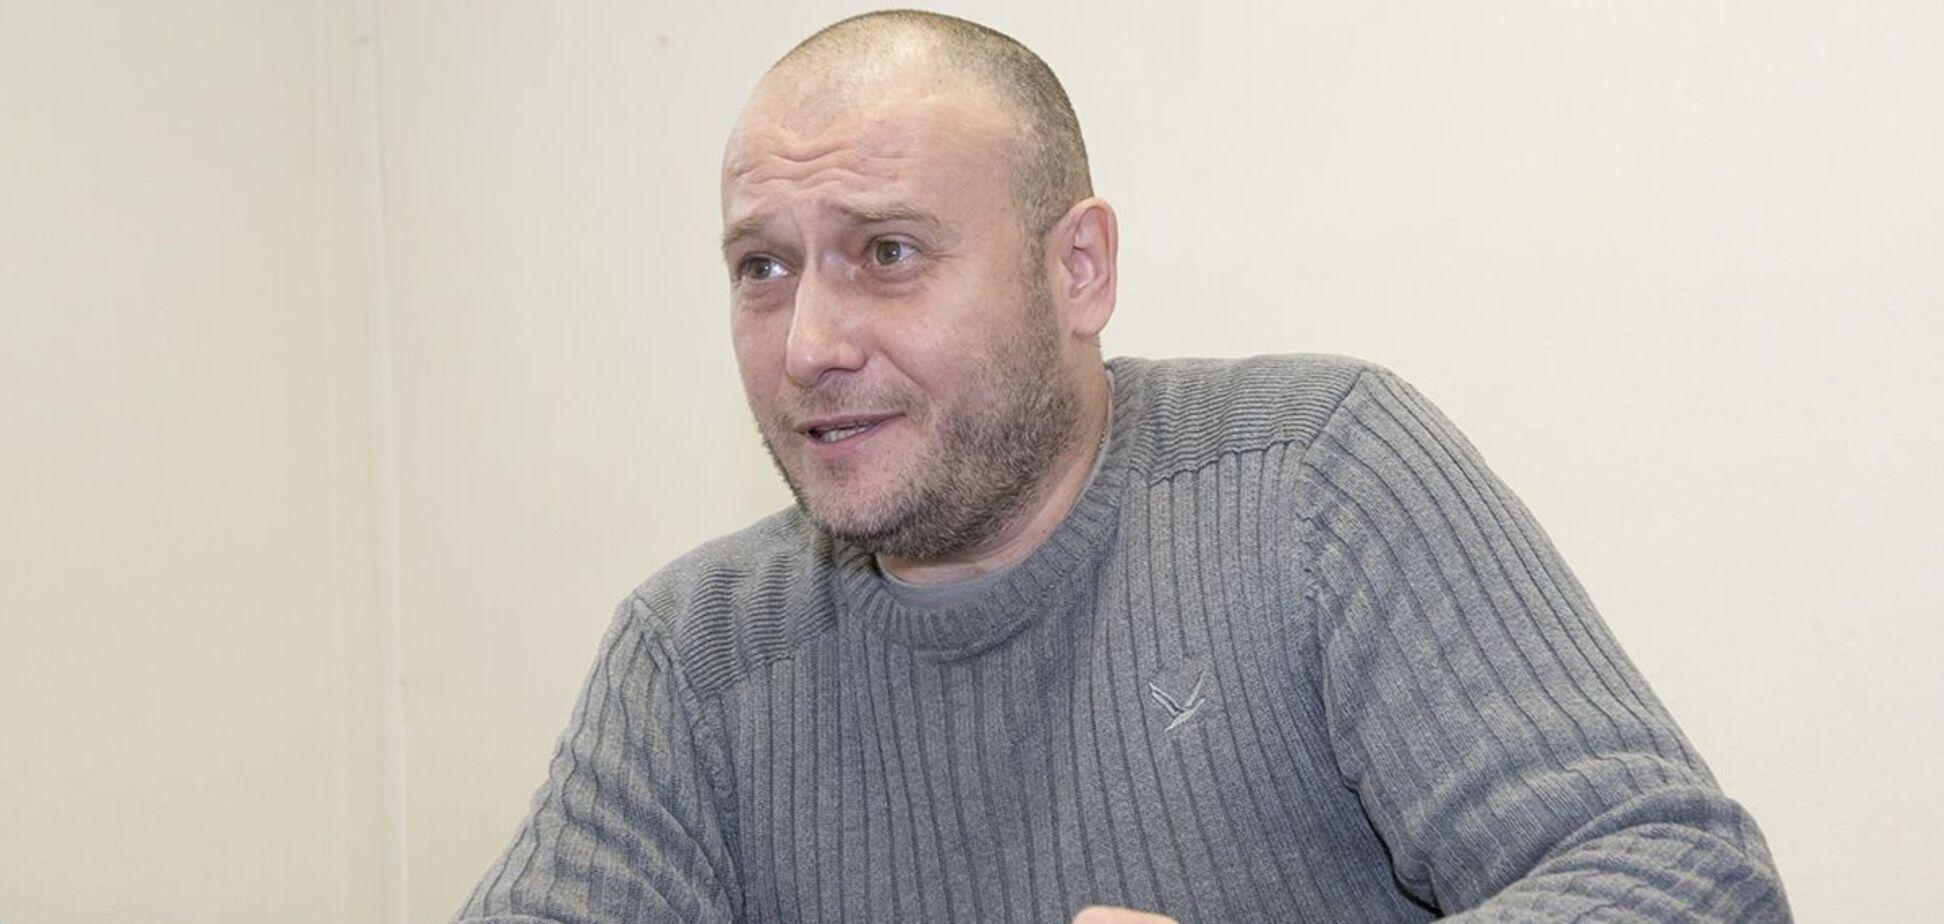 Дмитрий Ярош прокомментировал отравление российского оппозиционера Навального. Источник: LIGA.net